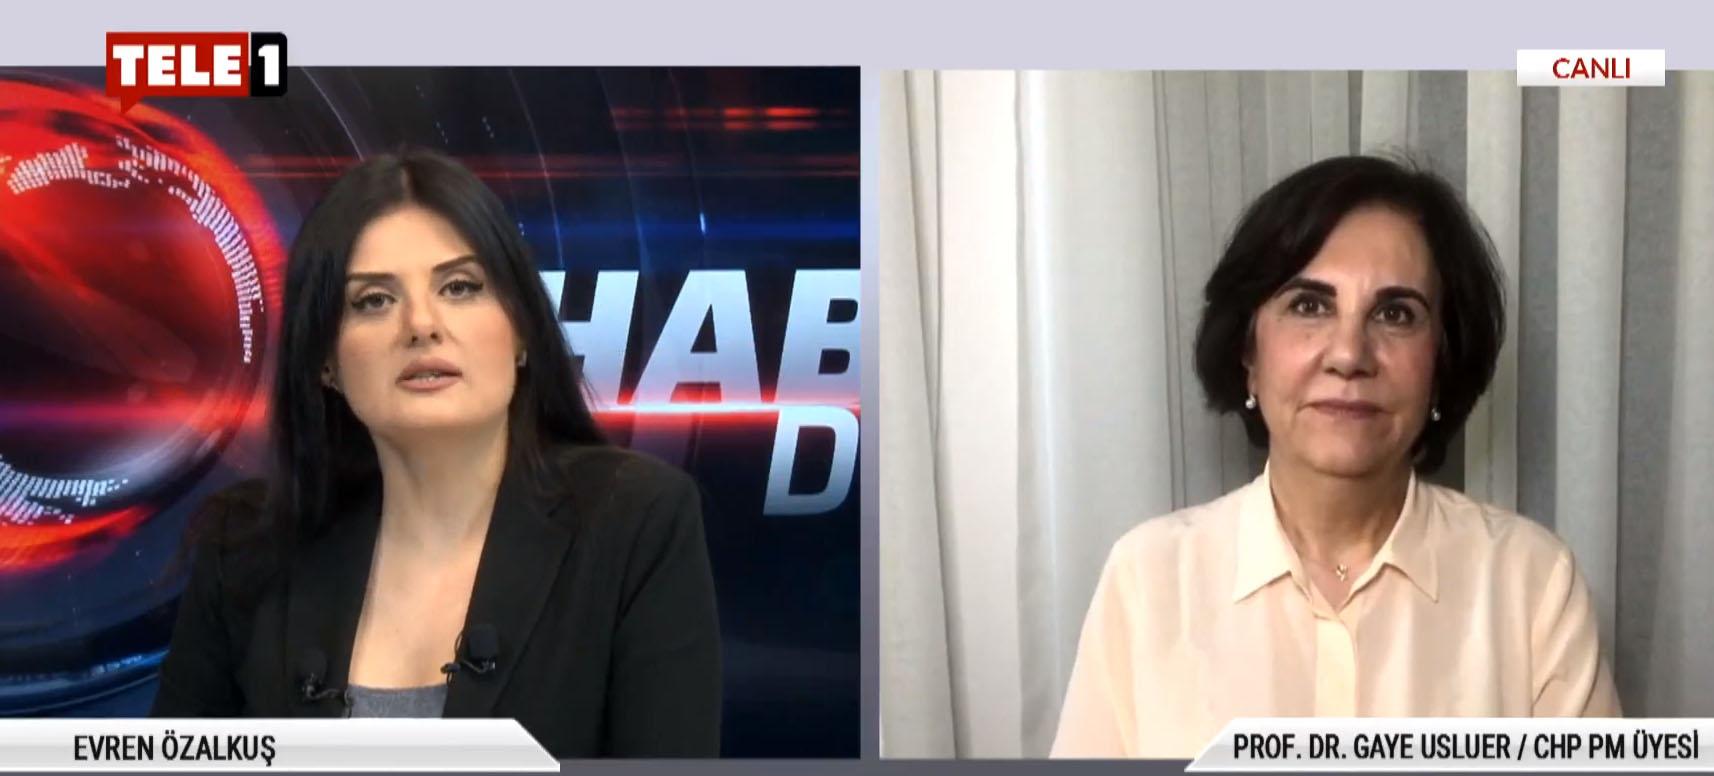 """CHP PM Üyesi Prof. Dr. Gaye Usluer: """"Mecliste anayasal darbe yapılmıştır ve meclis işlevsizleştirilmiştir"""""""